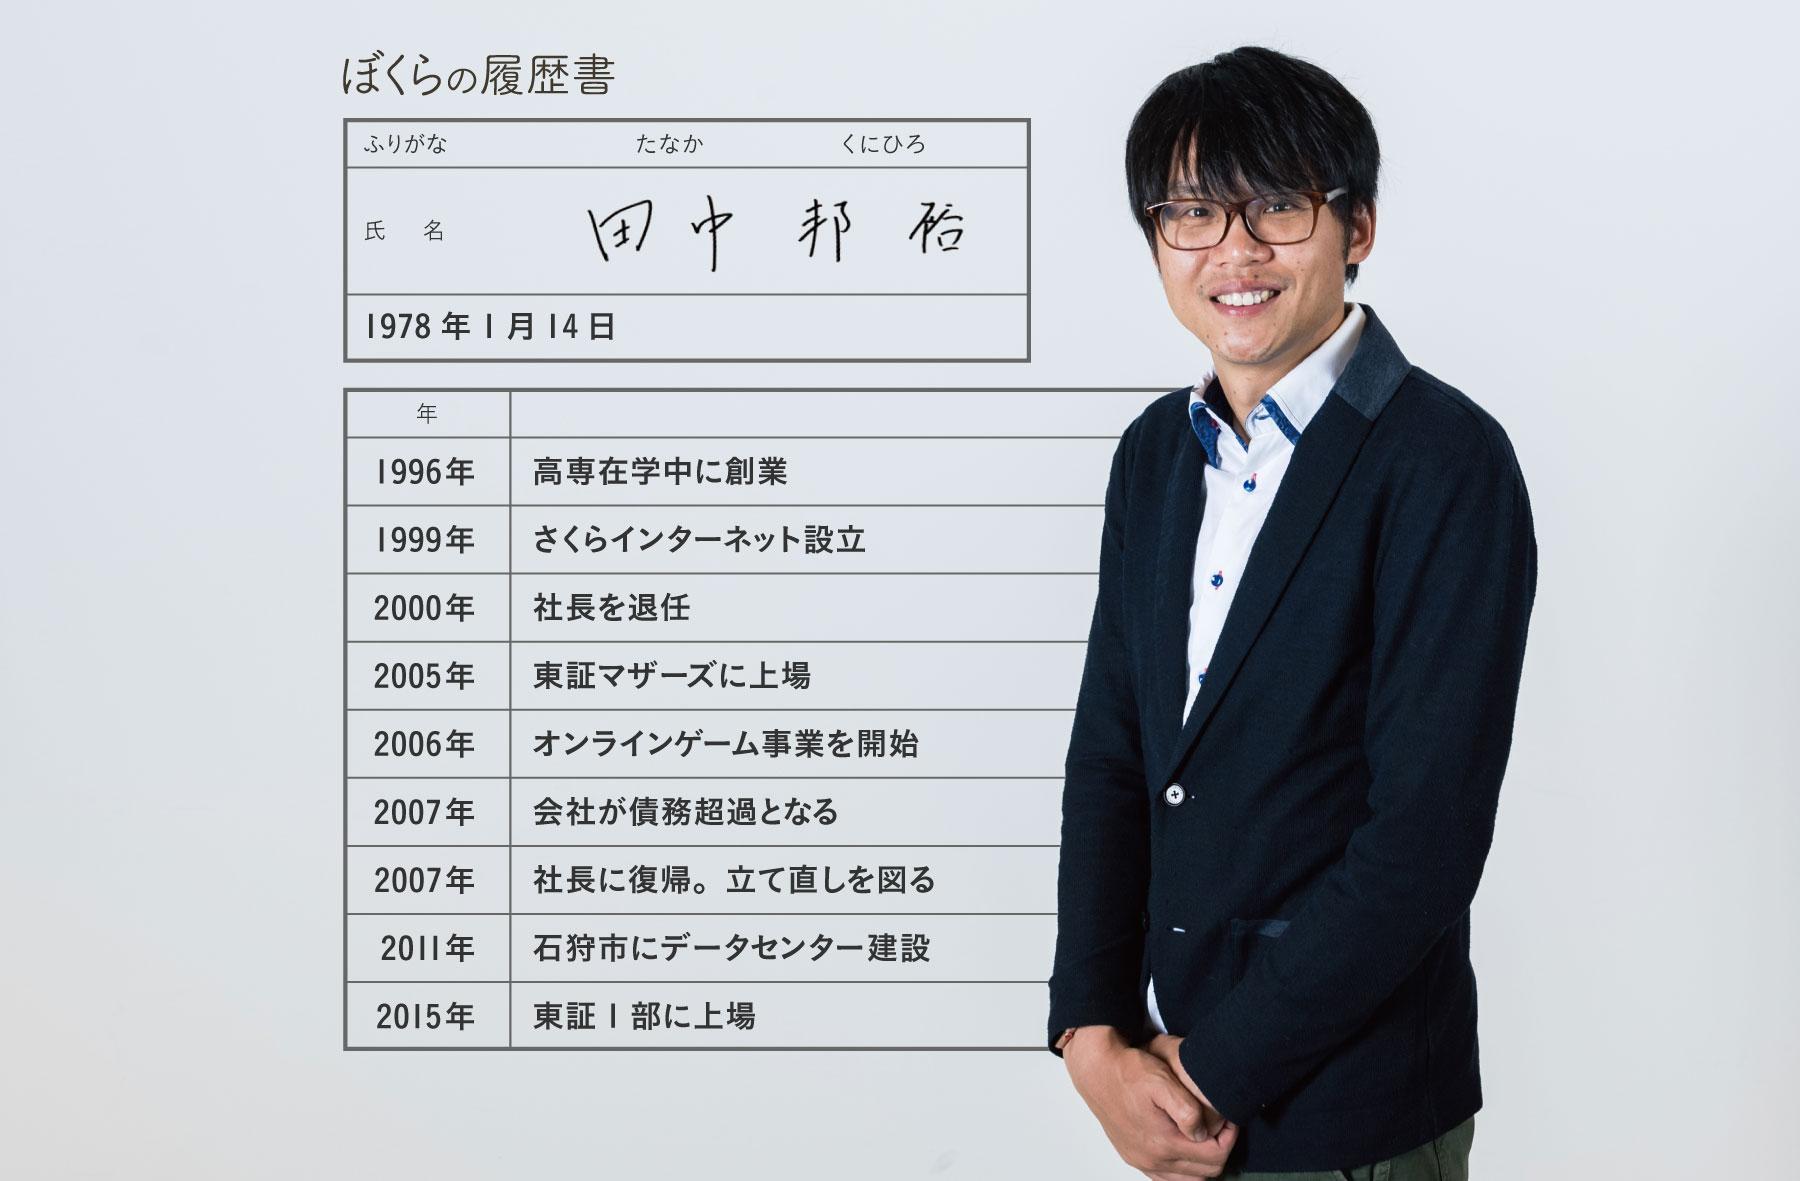 さくらインターネット田中邦裕さん履歴書